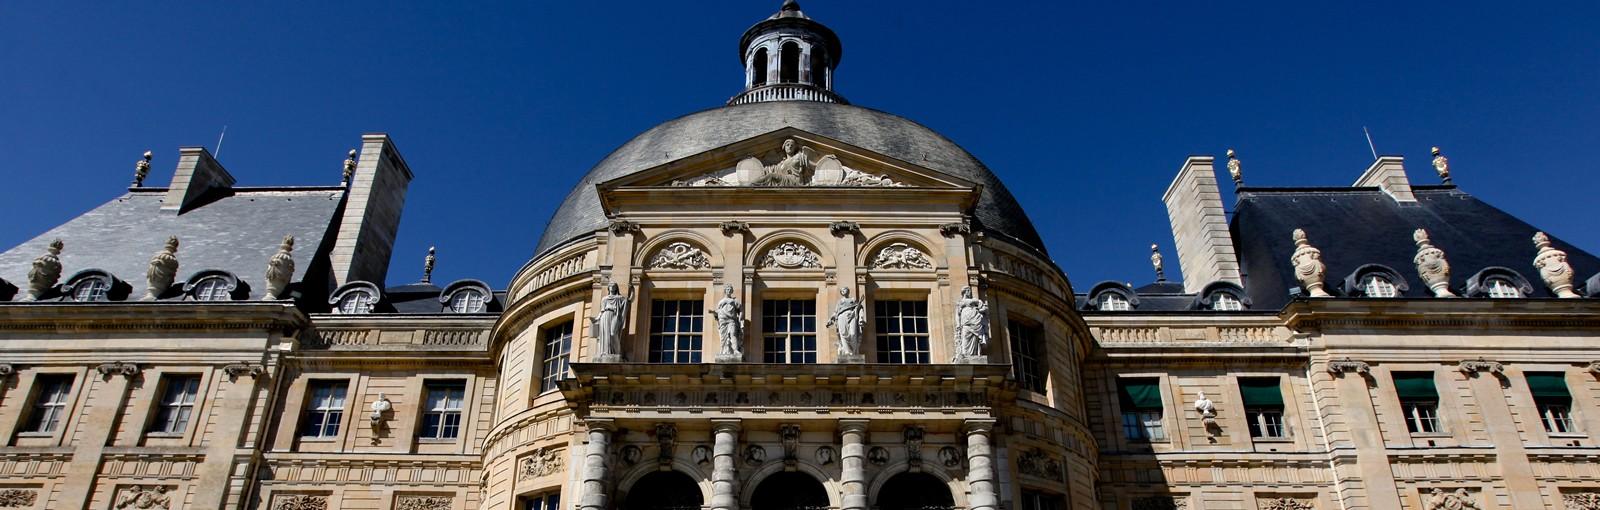 Tours Vaux-le-Vicomte - Demi-journées - Tours au départ de Paris